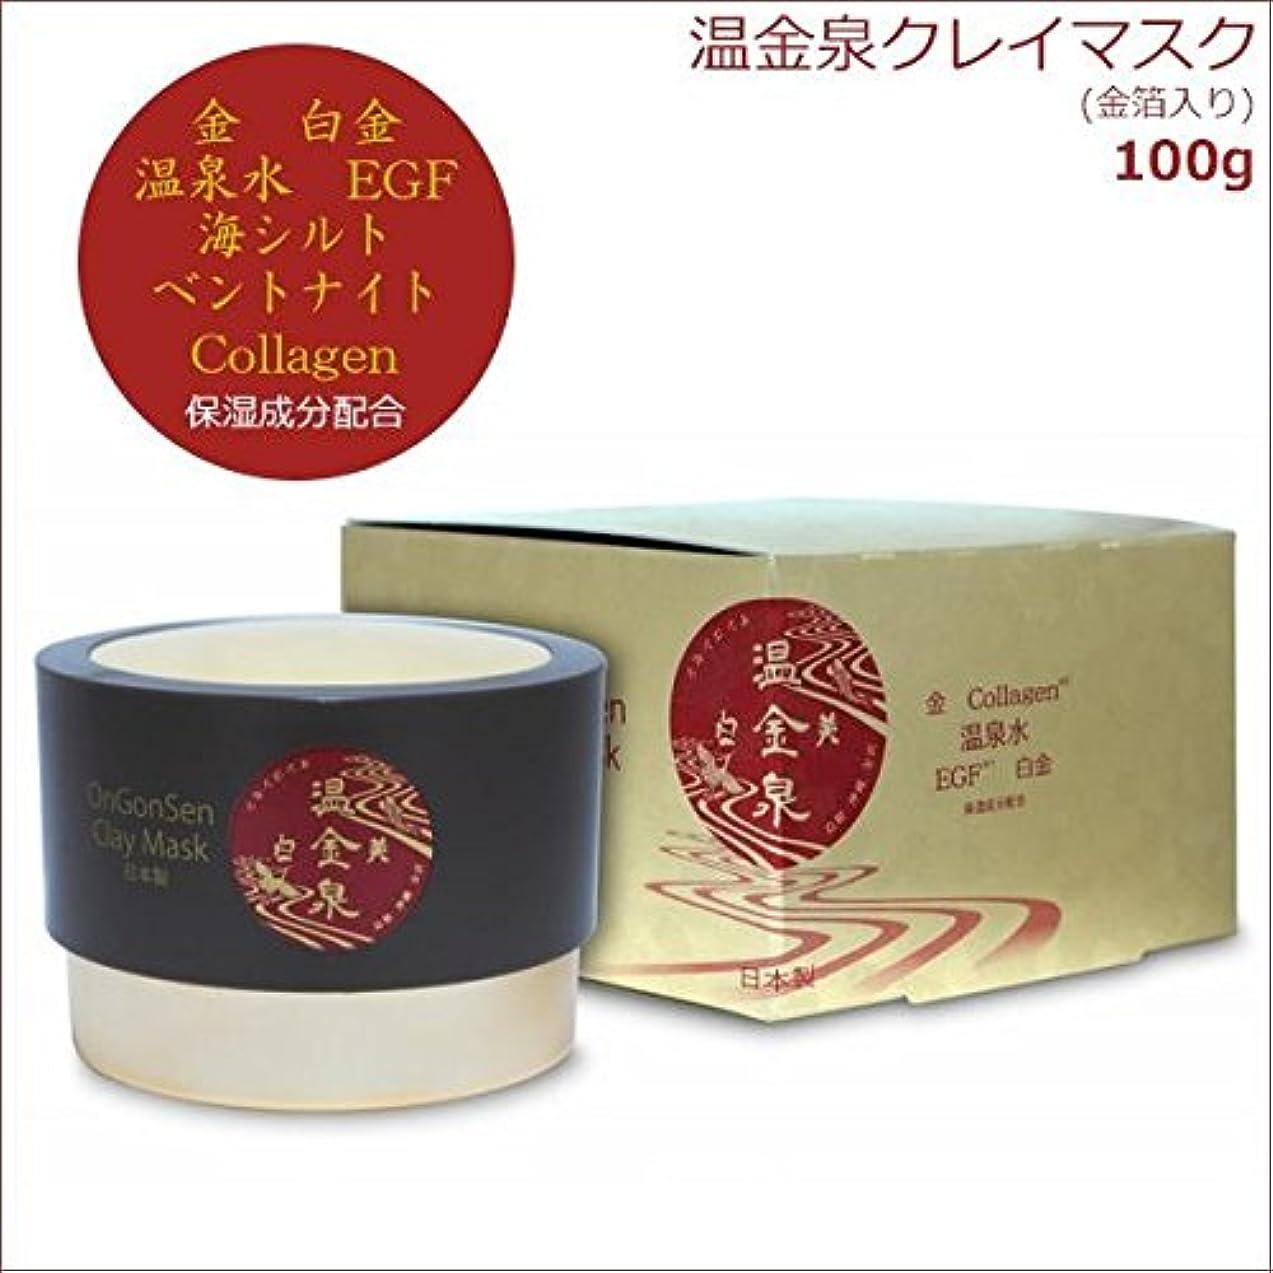 損傷トランザクションいたずらな日本製 HiROSOPHY ヒロソフィー 温金泉(オンゴンセン)クレイマスク 金箔入り 100g